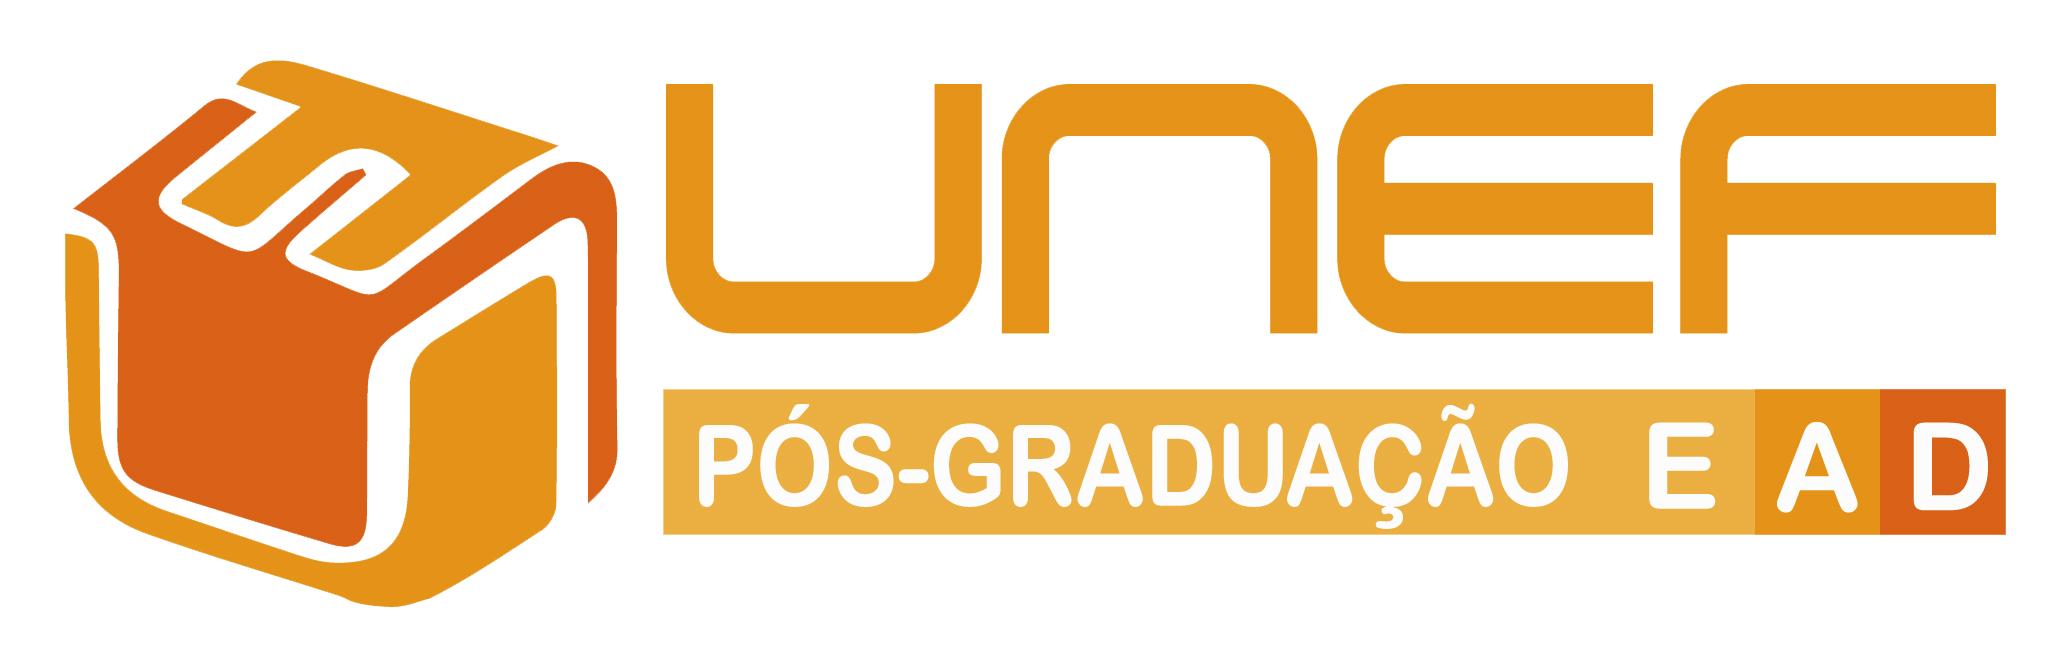 UNEF - Unidade de Ensino Superior de Feira de Santana